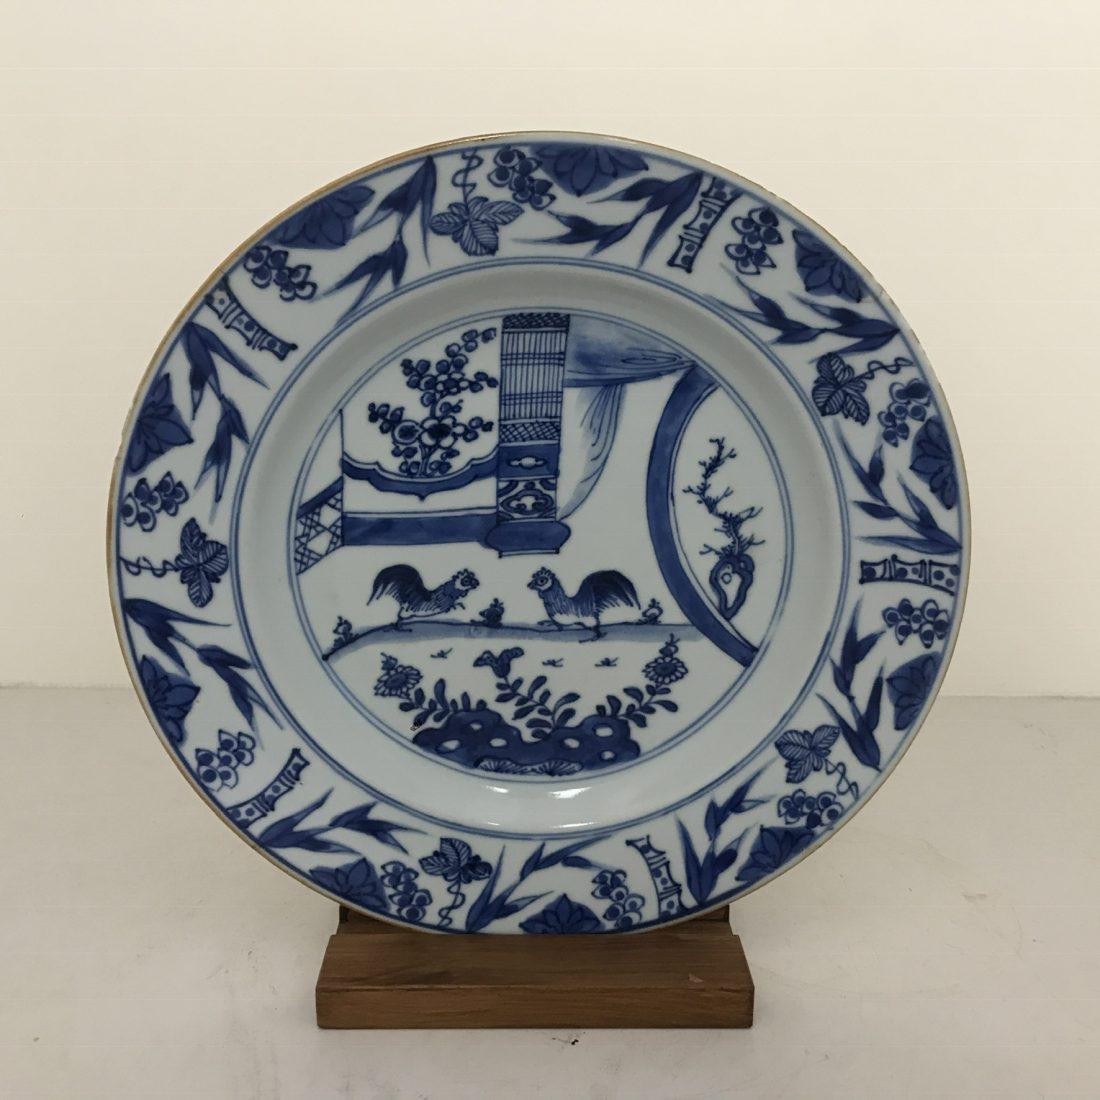 Blauw/wit porseleinen bord met twee hanen, China, 19e eeuw